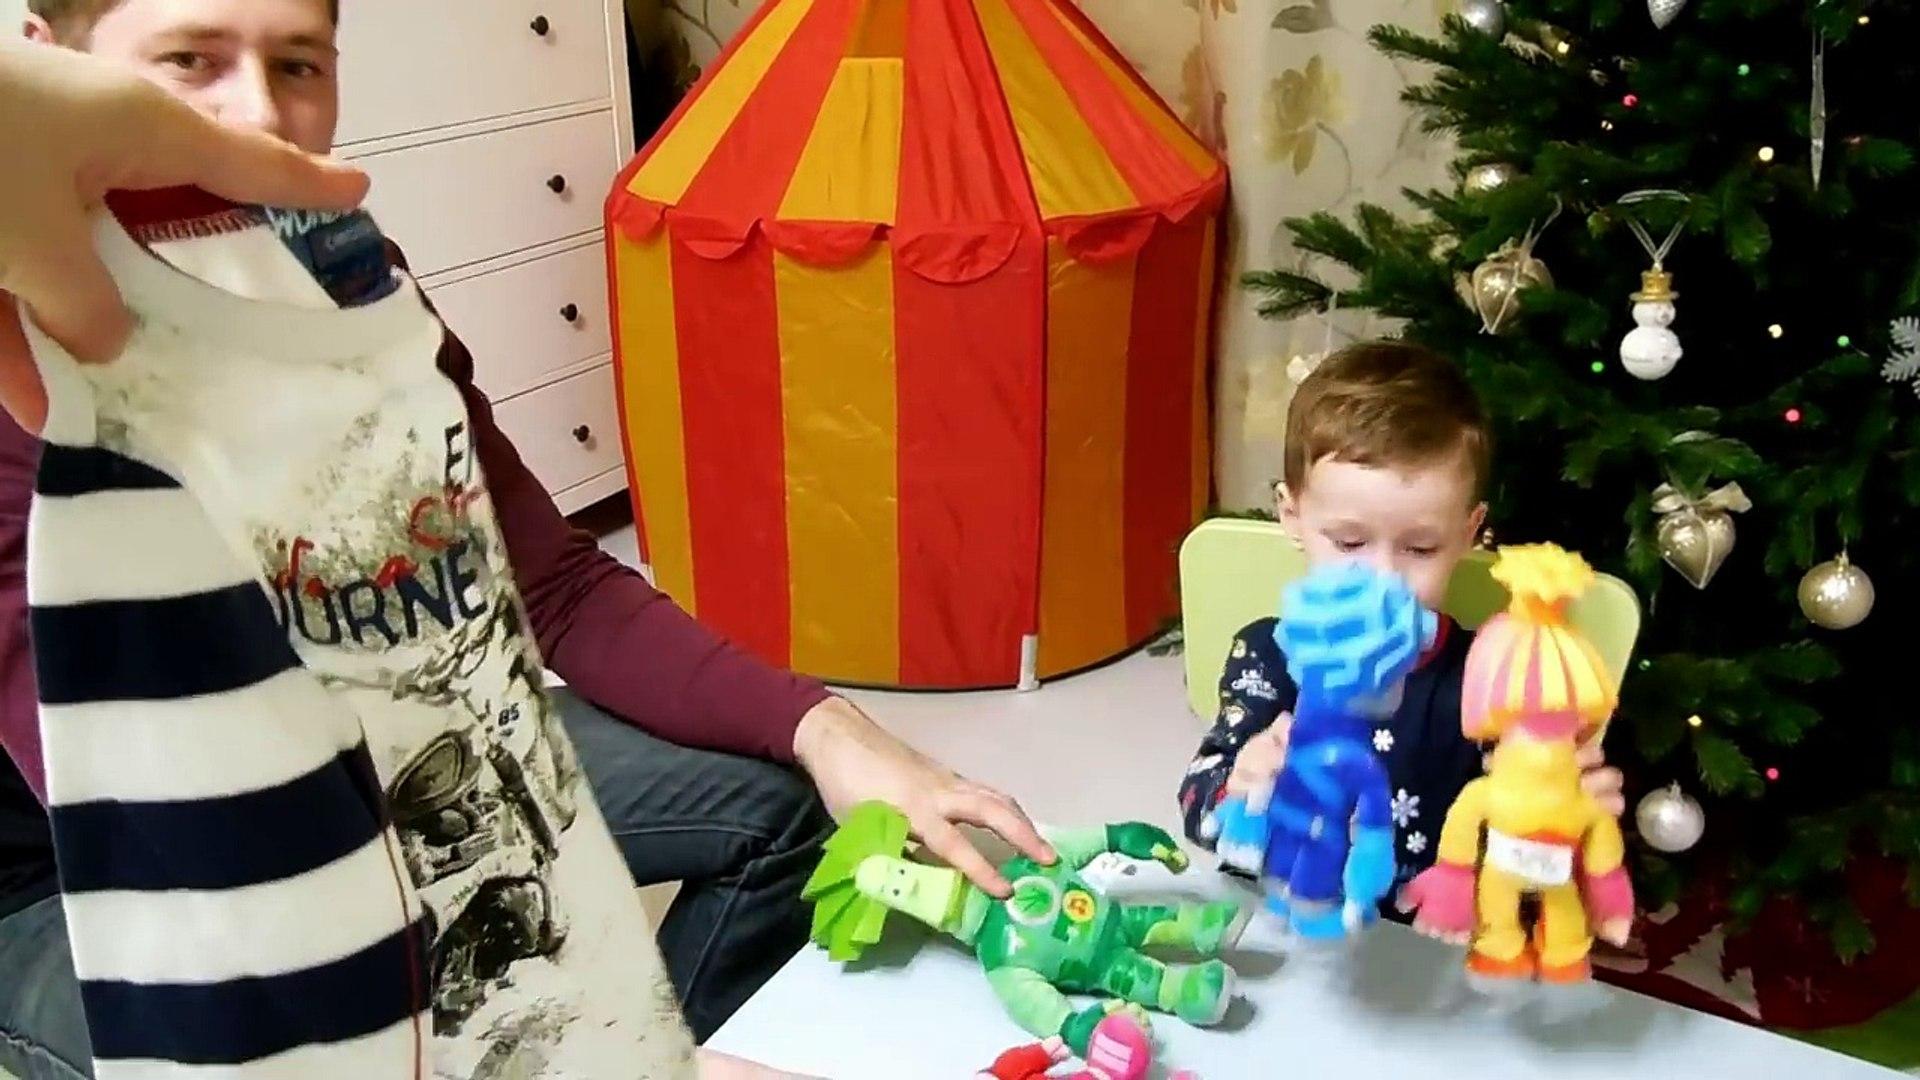 VLOG: 31 декабря / Встречаем Новый Год 2016 / Подарки под елкой, застолье